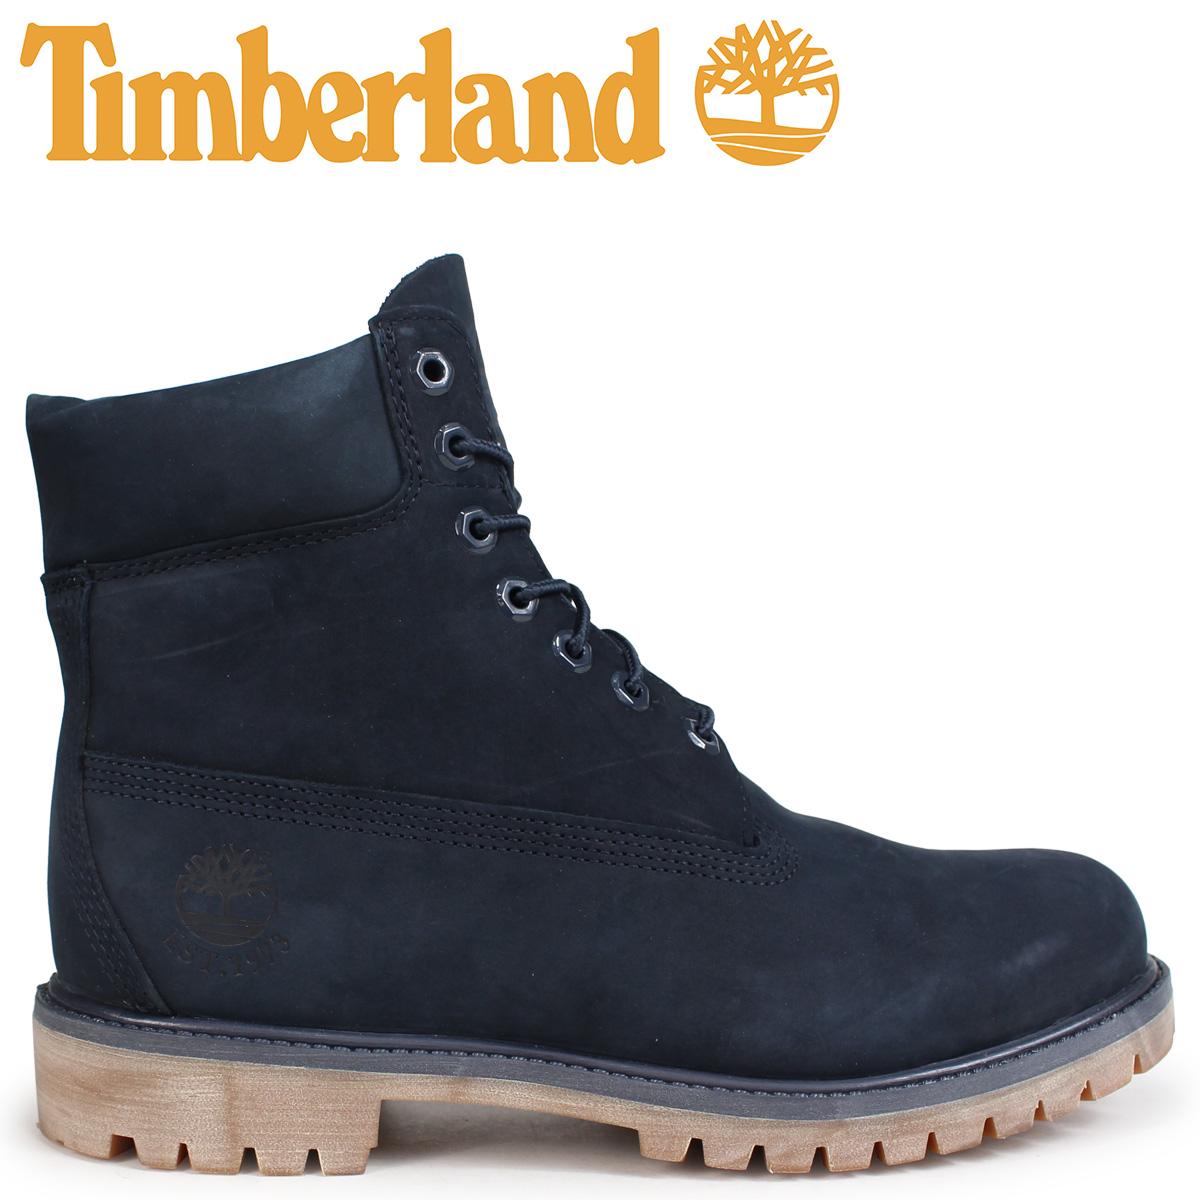 Timberland ブーツ メンズ 6インチ ティンバーランド 6-INCH PREMIUM BOOTS A1TSZ Wワイズ ネイビー [10/22 新入荷]